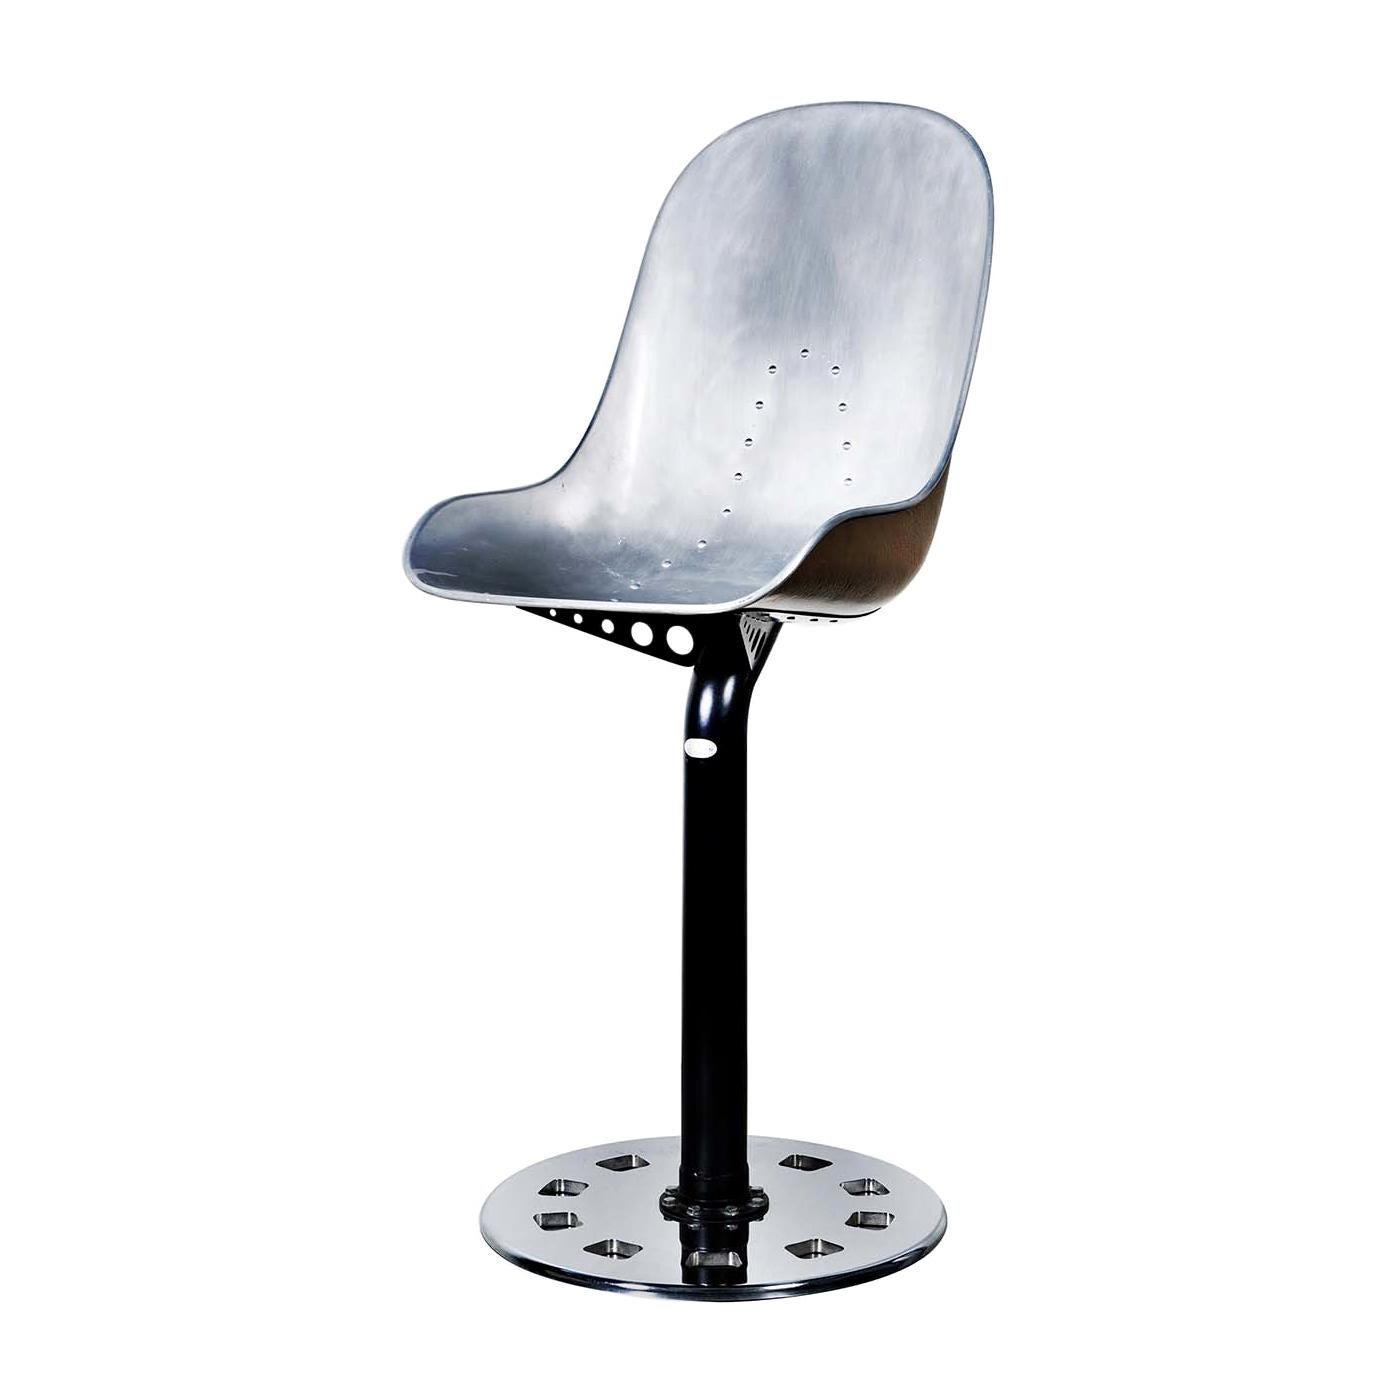 Gto Chair